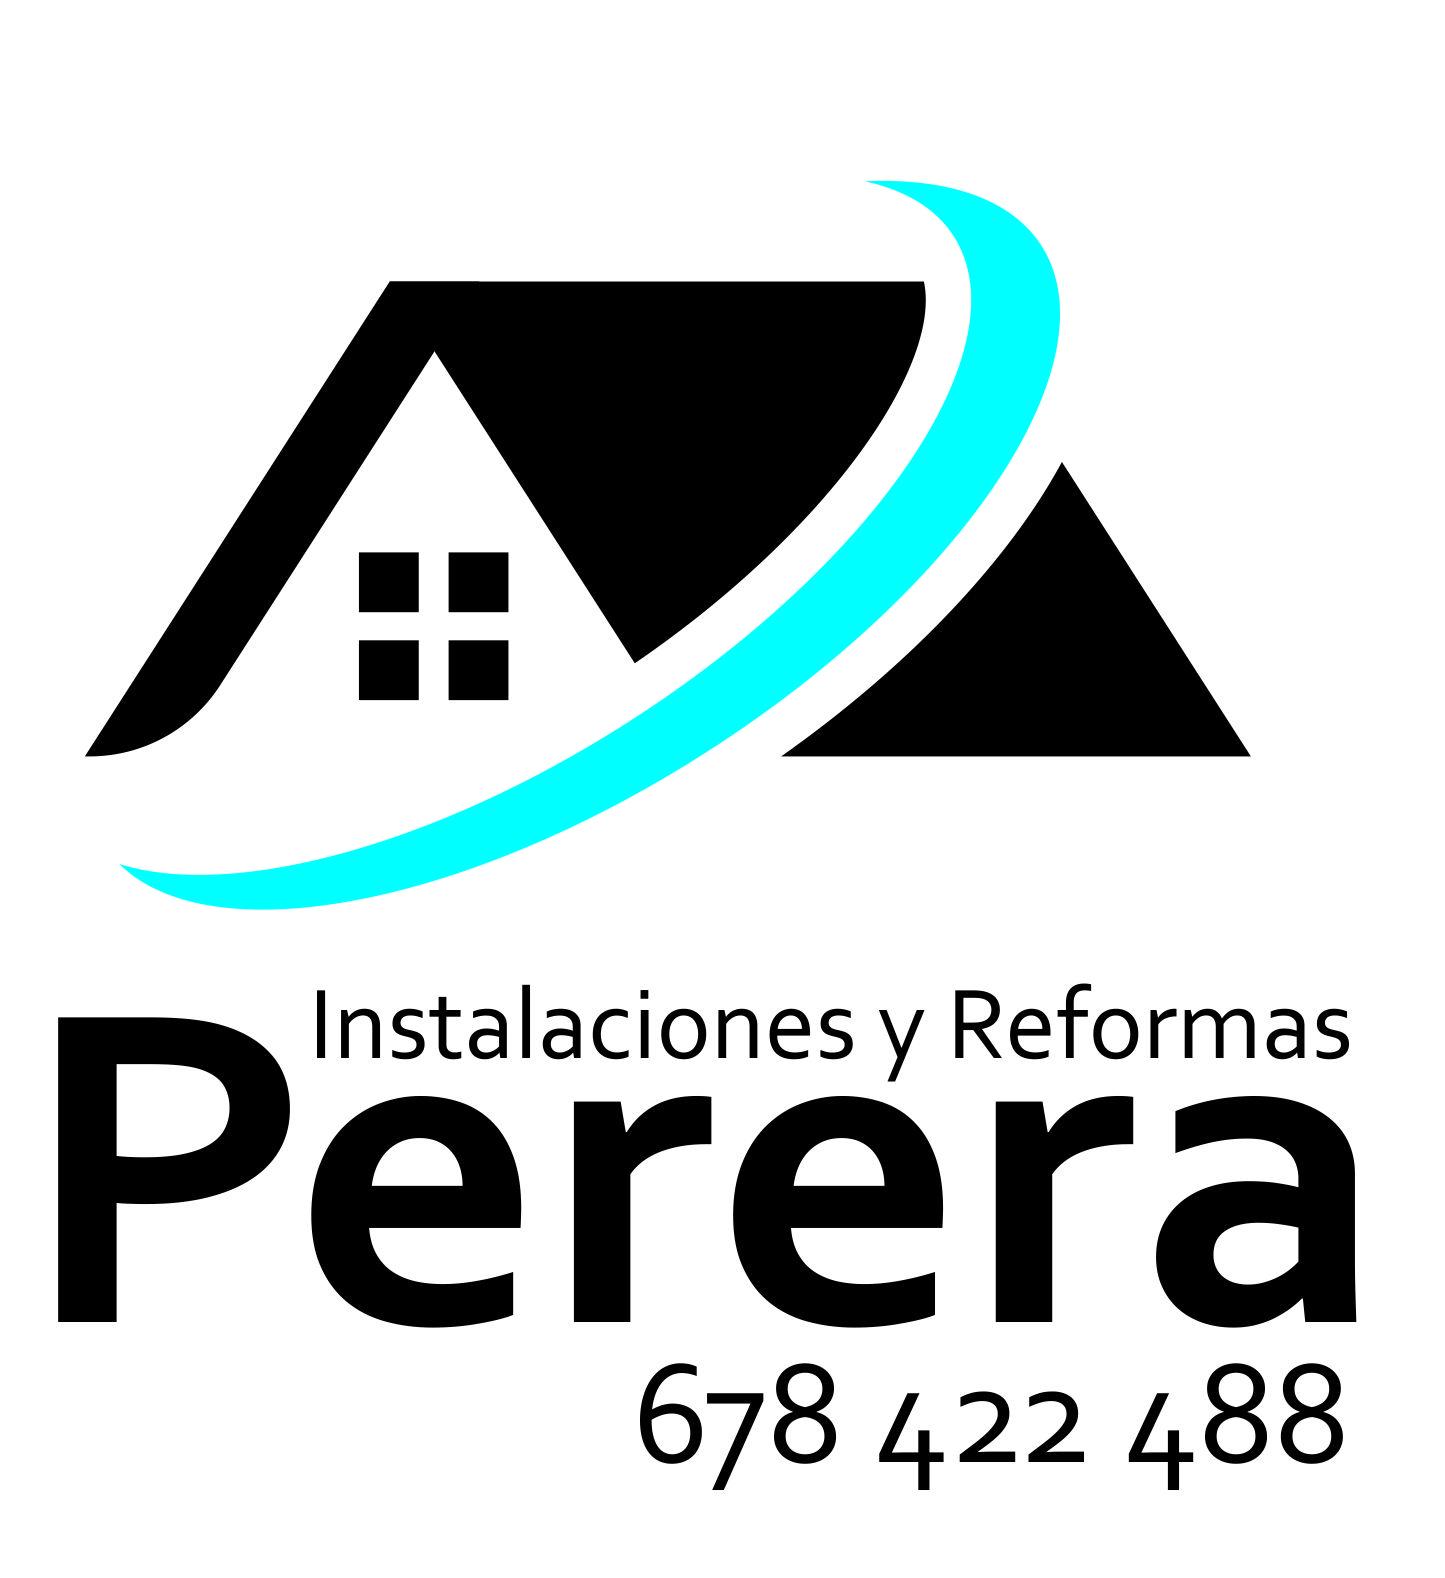 Instalaciones y Reformas Perera